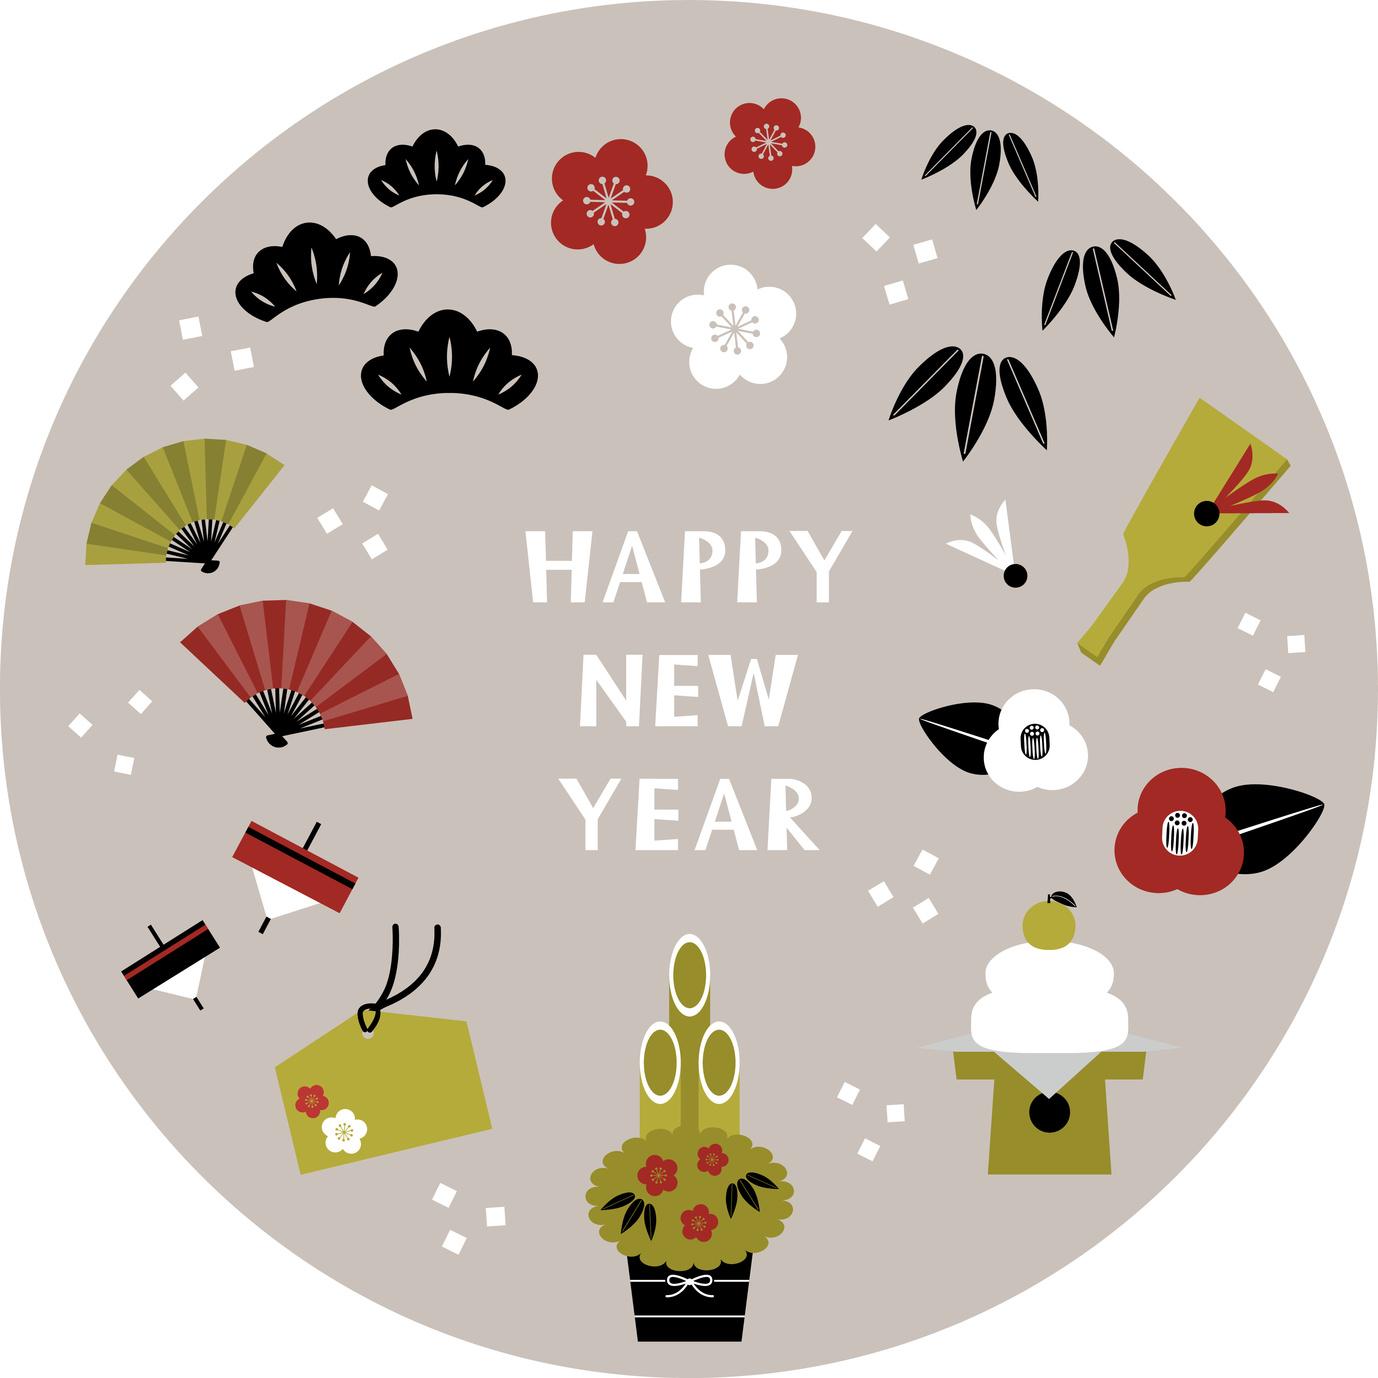 【2020年1月株主優待】食事やファッションが割引!ストリーム・ユークスなどオススメ優待銘柄6選を紹介。